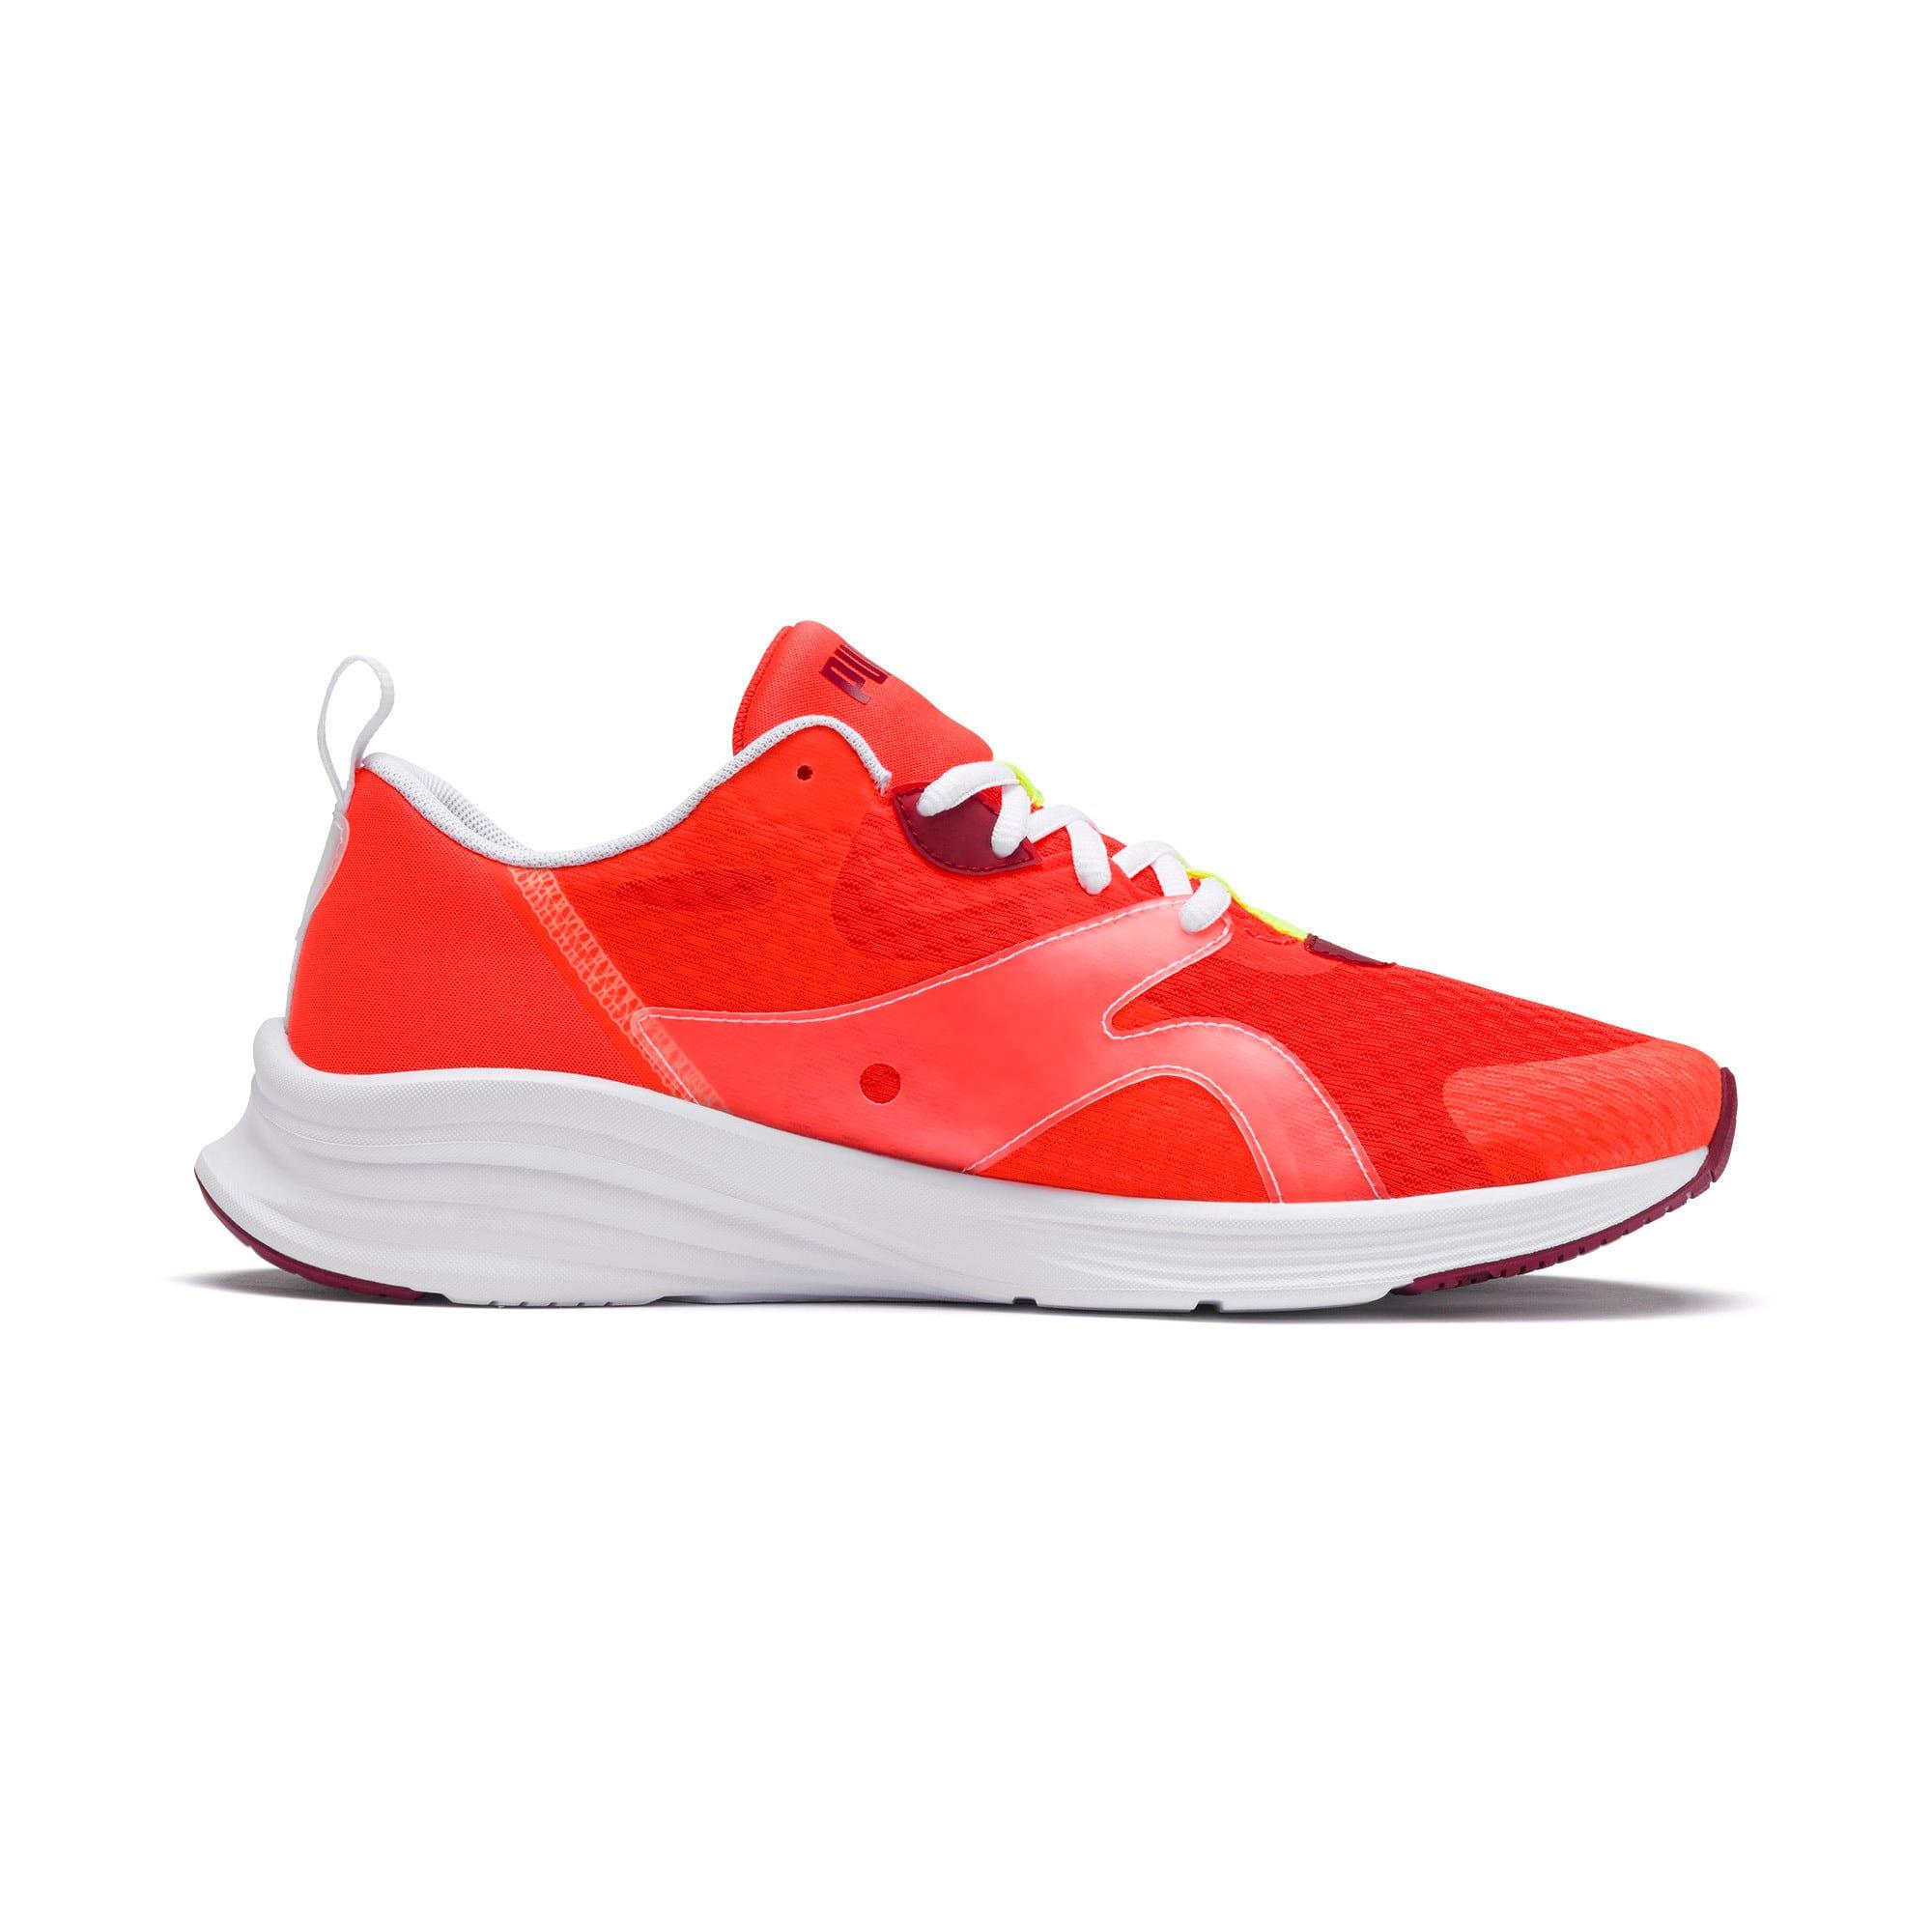 Imagen en miniatura 5 de Zapatillas de running de hombre HYBRID Fuego, Nrgy Red-Rhubarb, mediana